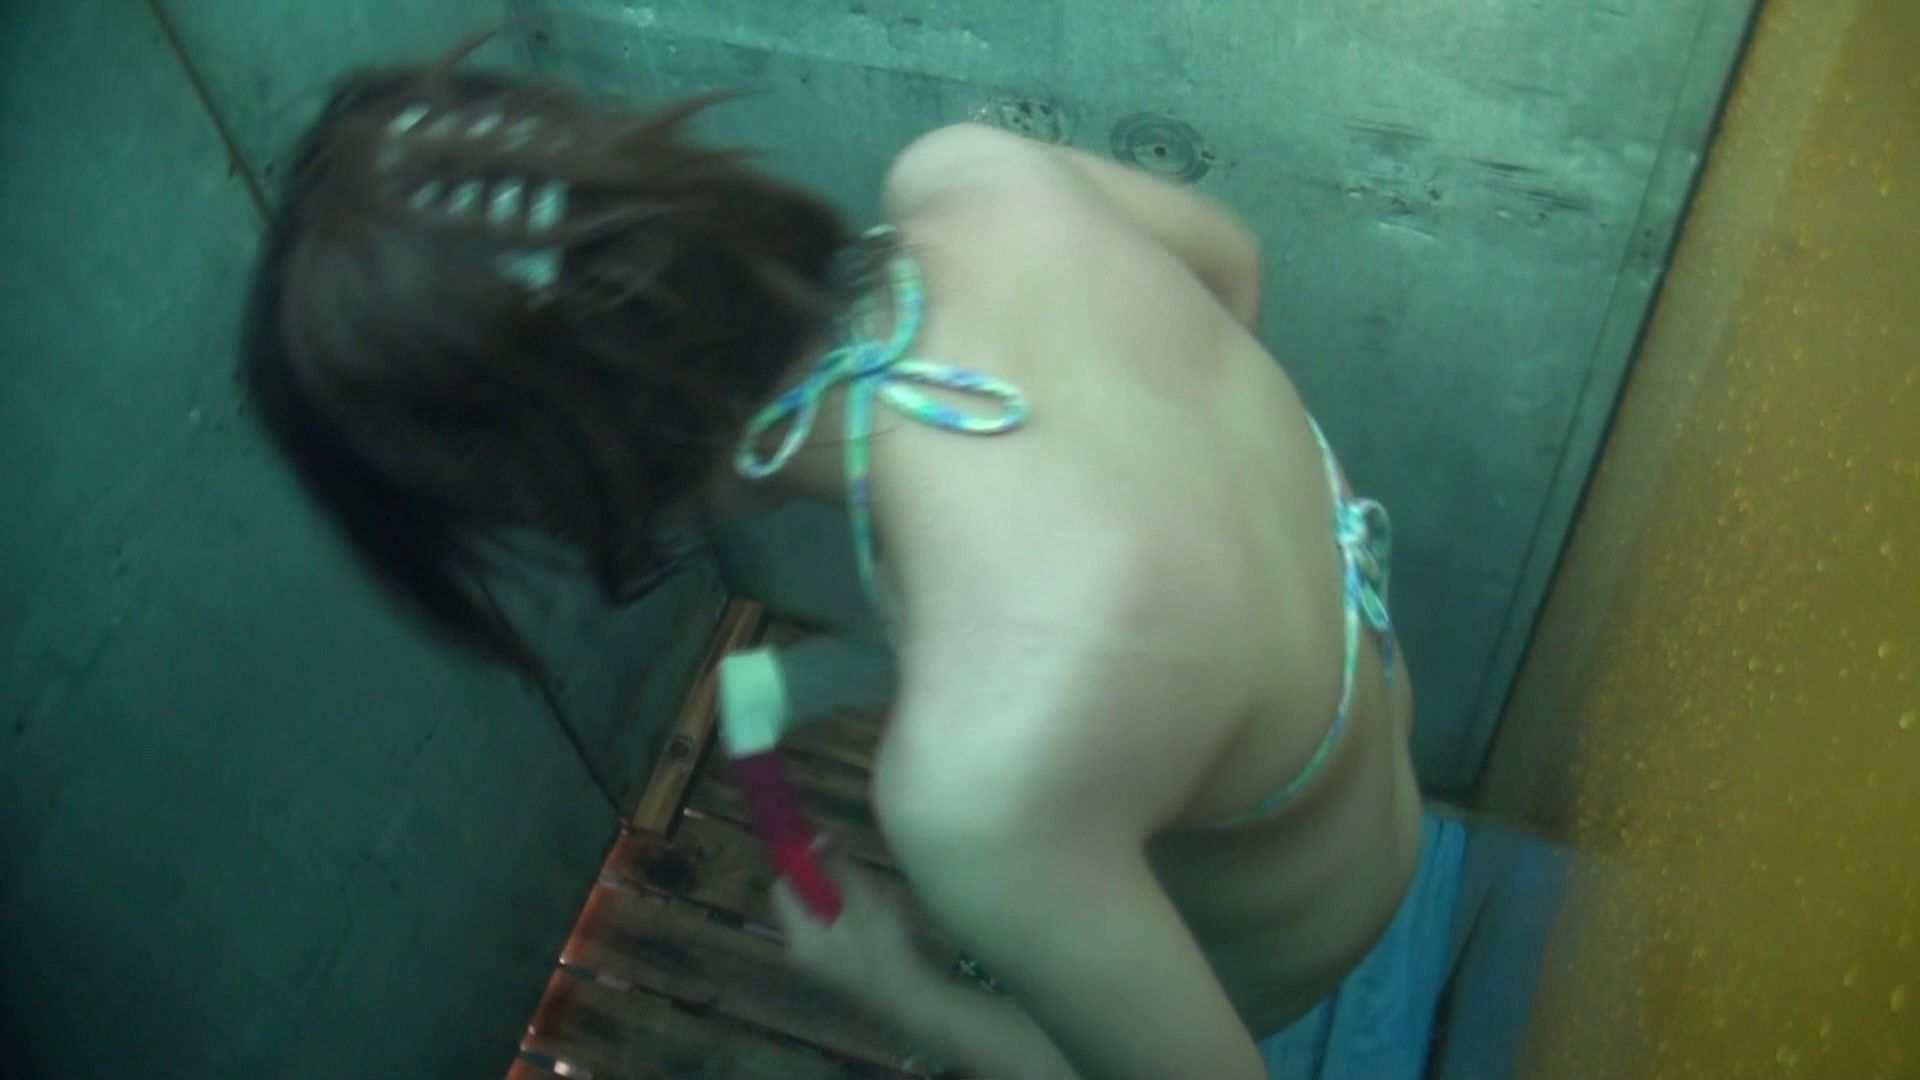 シャワールームは超!!危険な香りVol.15 残念ですが乳首未確認 マンコの砂は入念に すけべなOL エロ画像 106画像 57